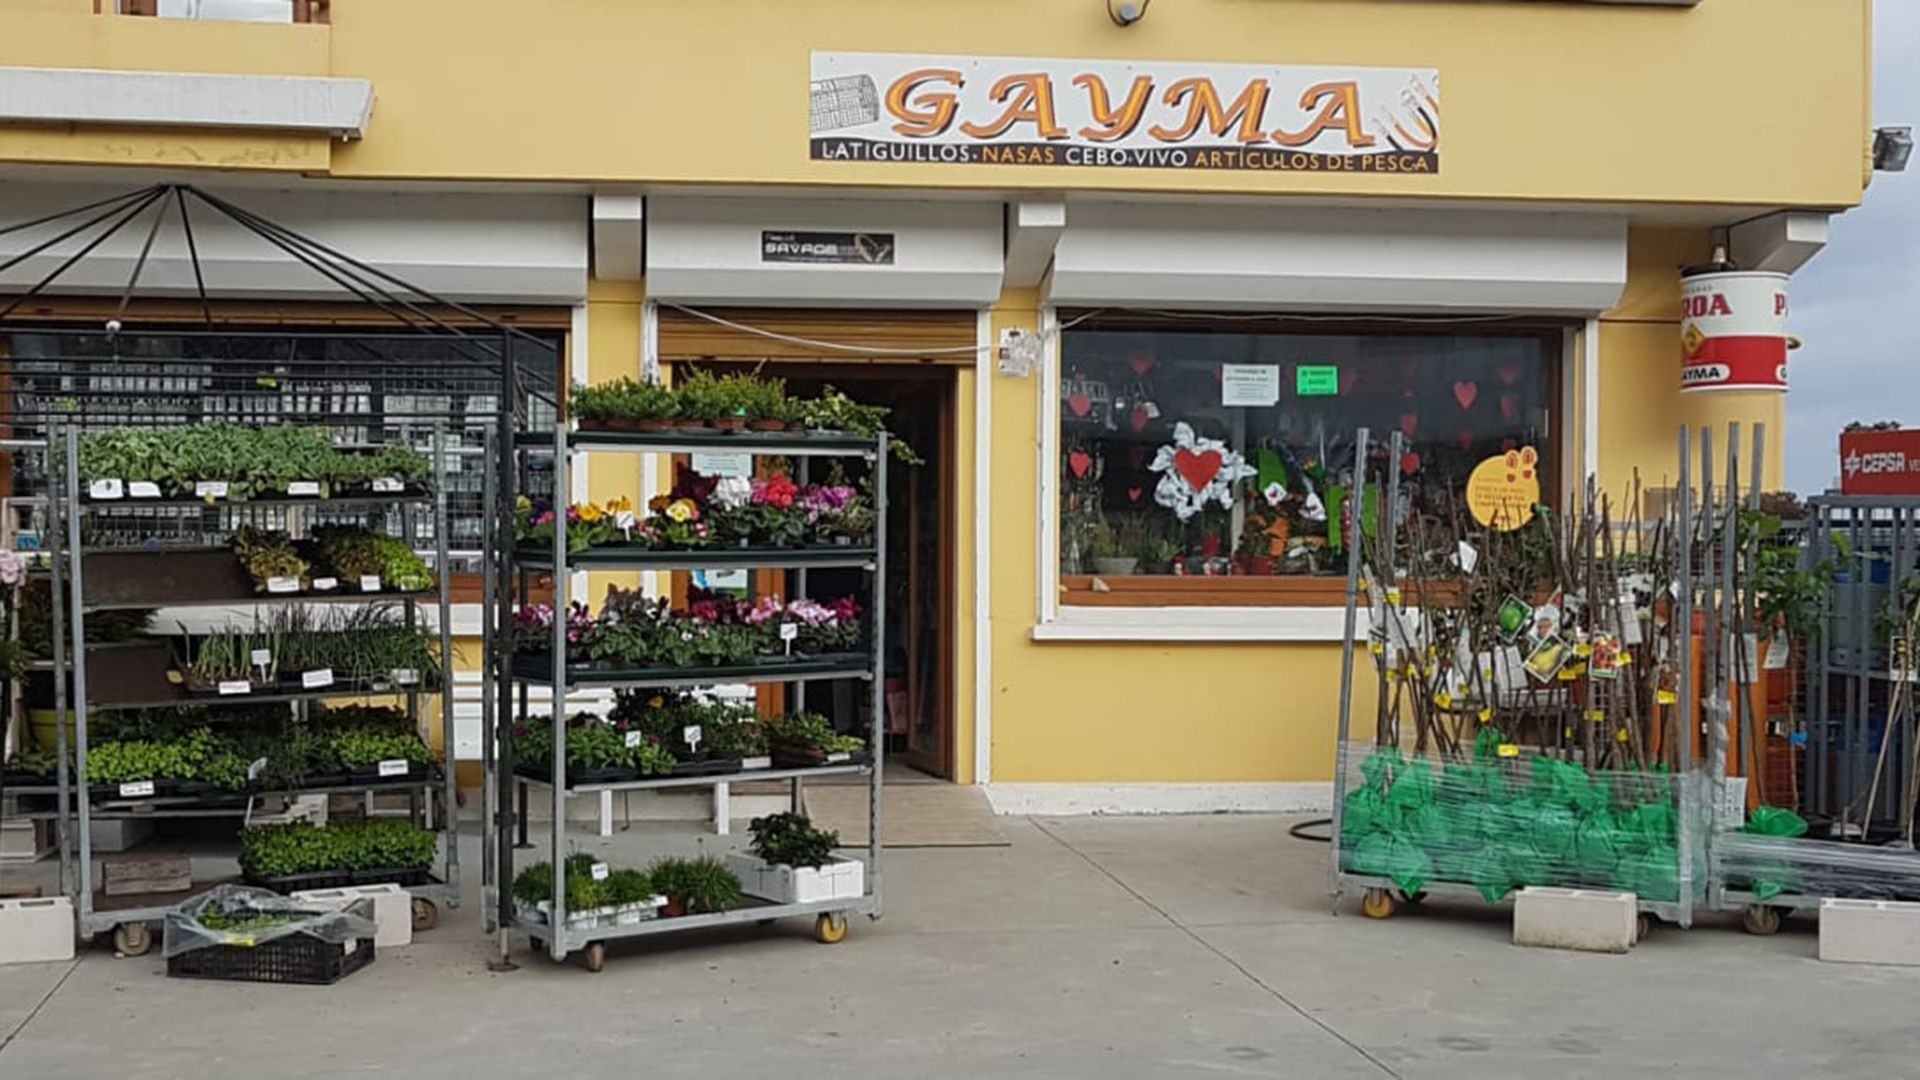 Gayma2